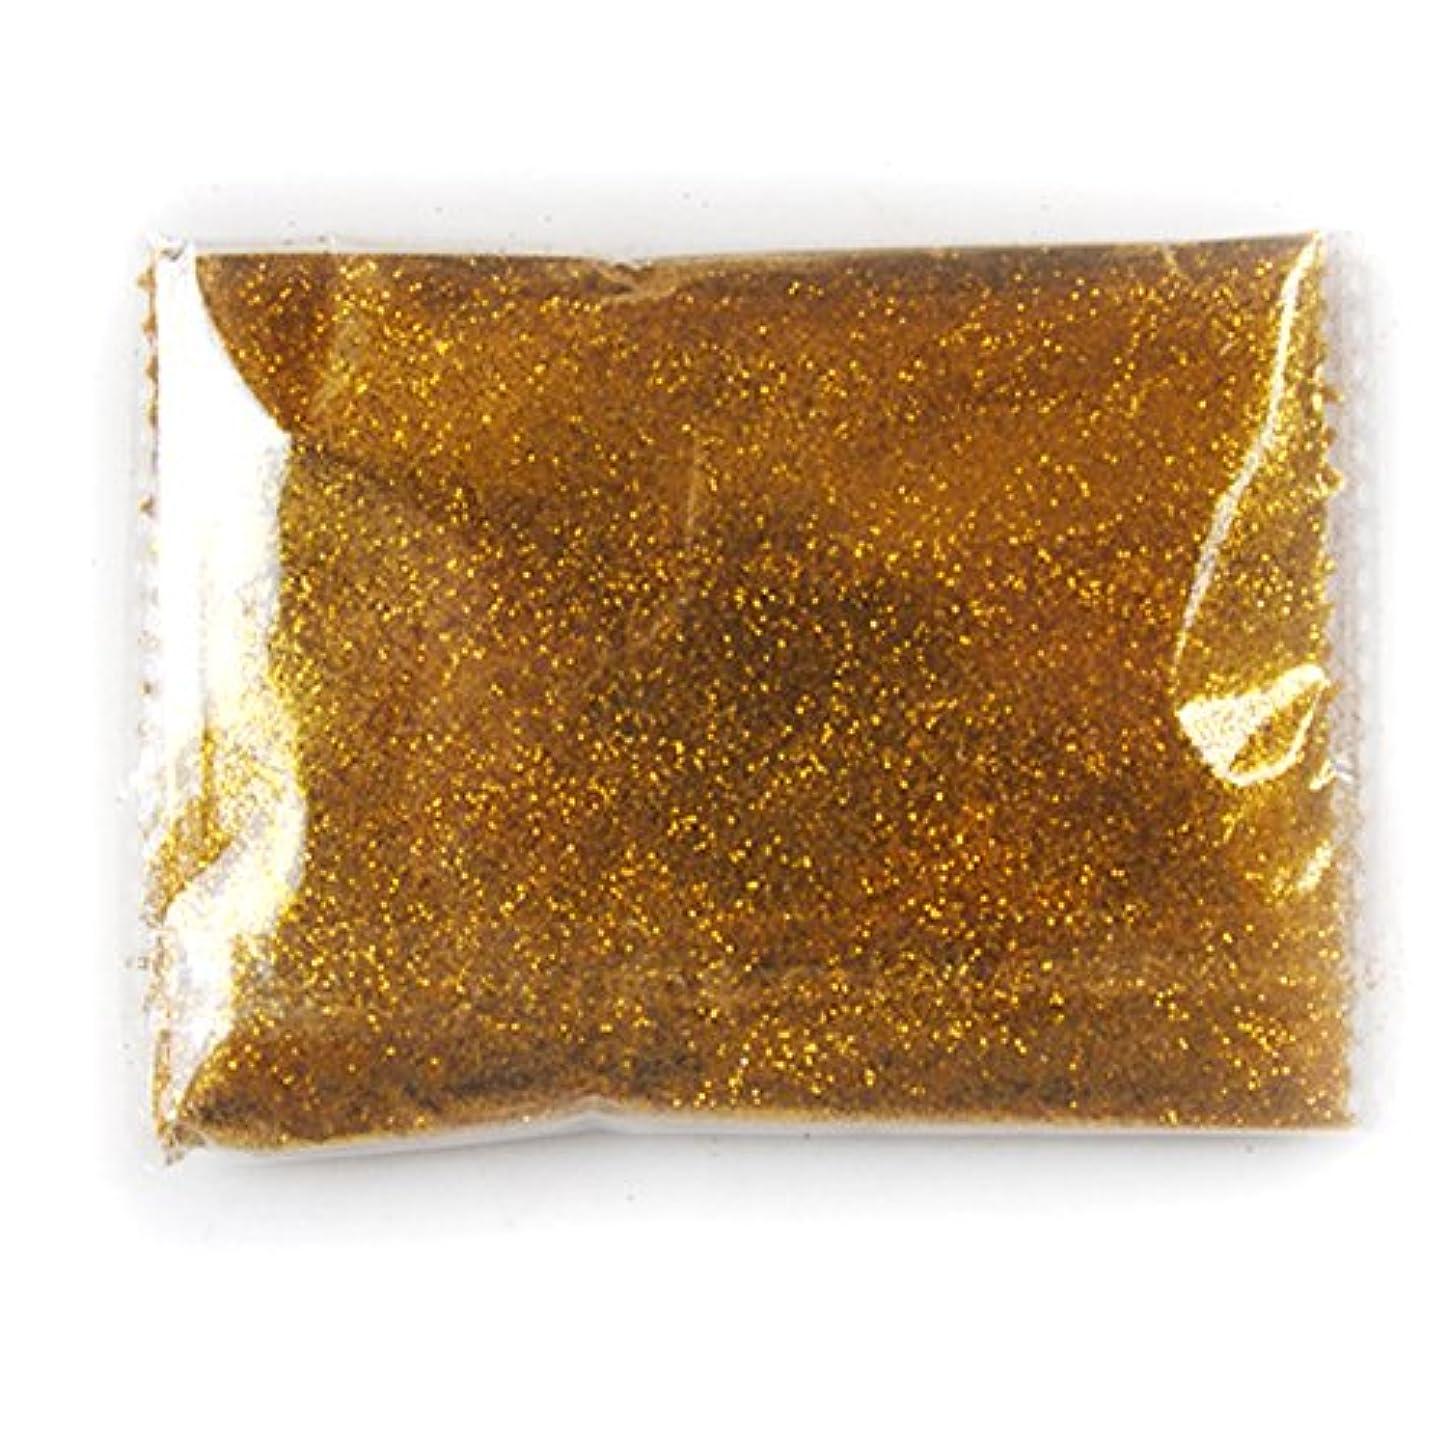 セイはさておき排他的夜の動物園80g キラキラ アクリルカラーパウダー グリッター ラメパウダー ネイル レジン用 金色